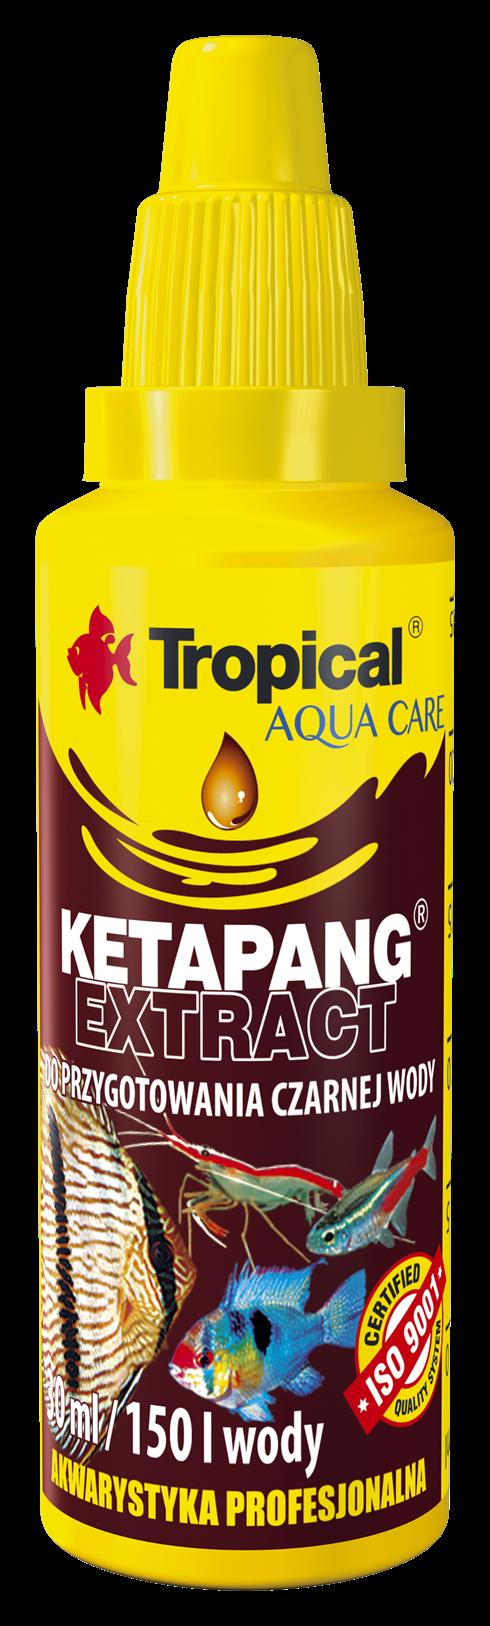 Ketapang Extract